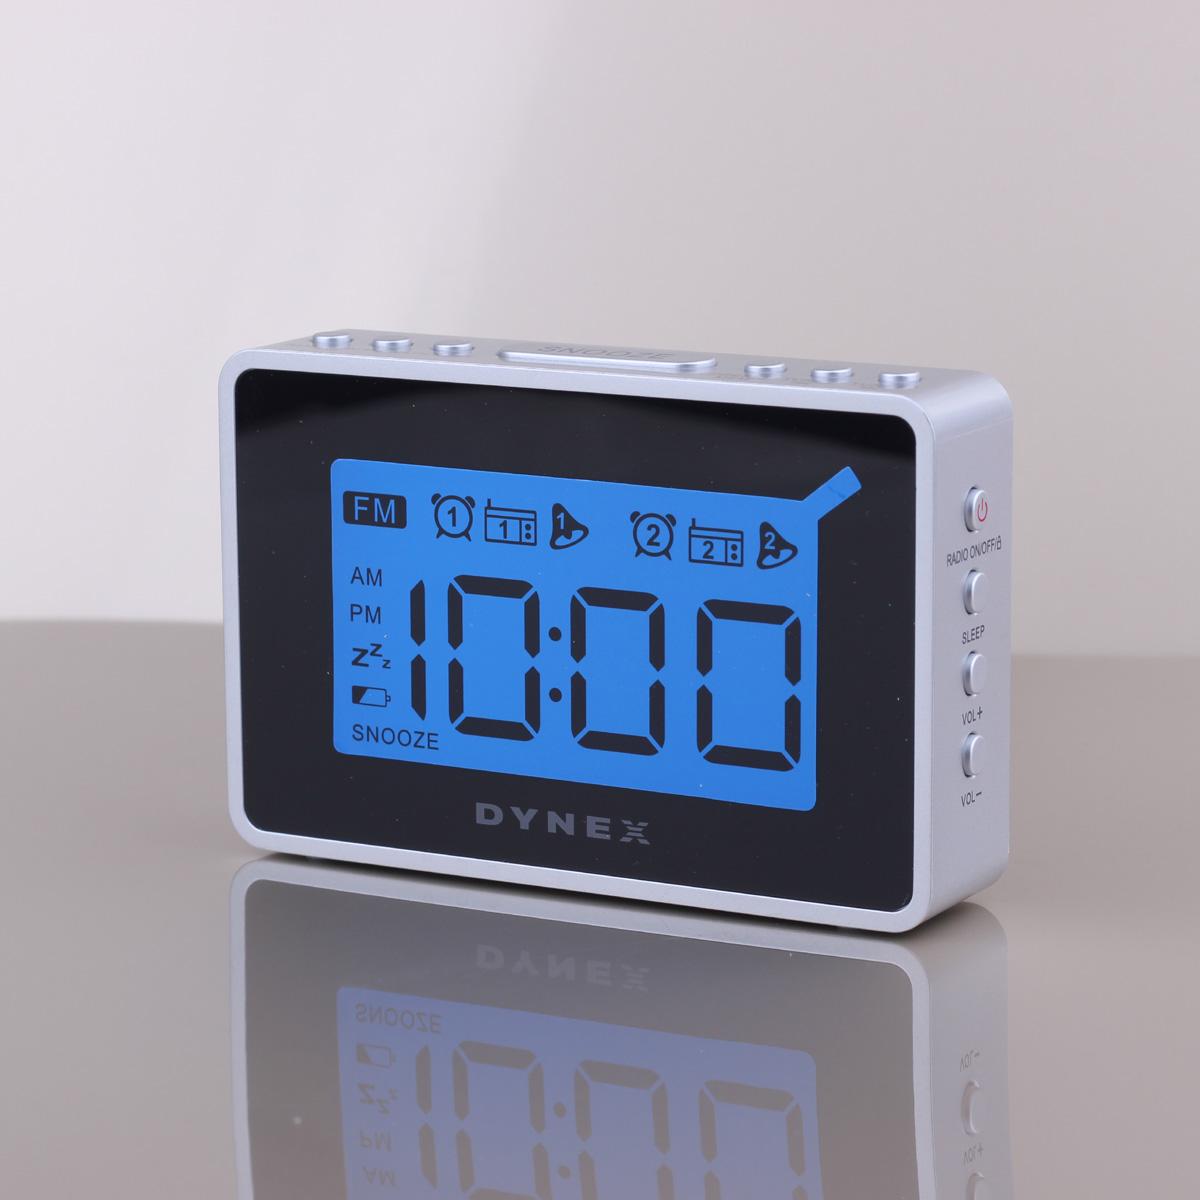 led digital alarm clock radio with snooze blue backlight. Black Bedroom Furniture Sets. Home Design Ideas